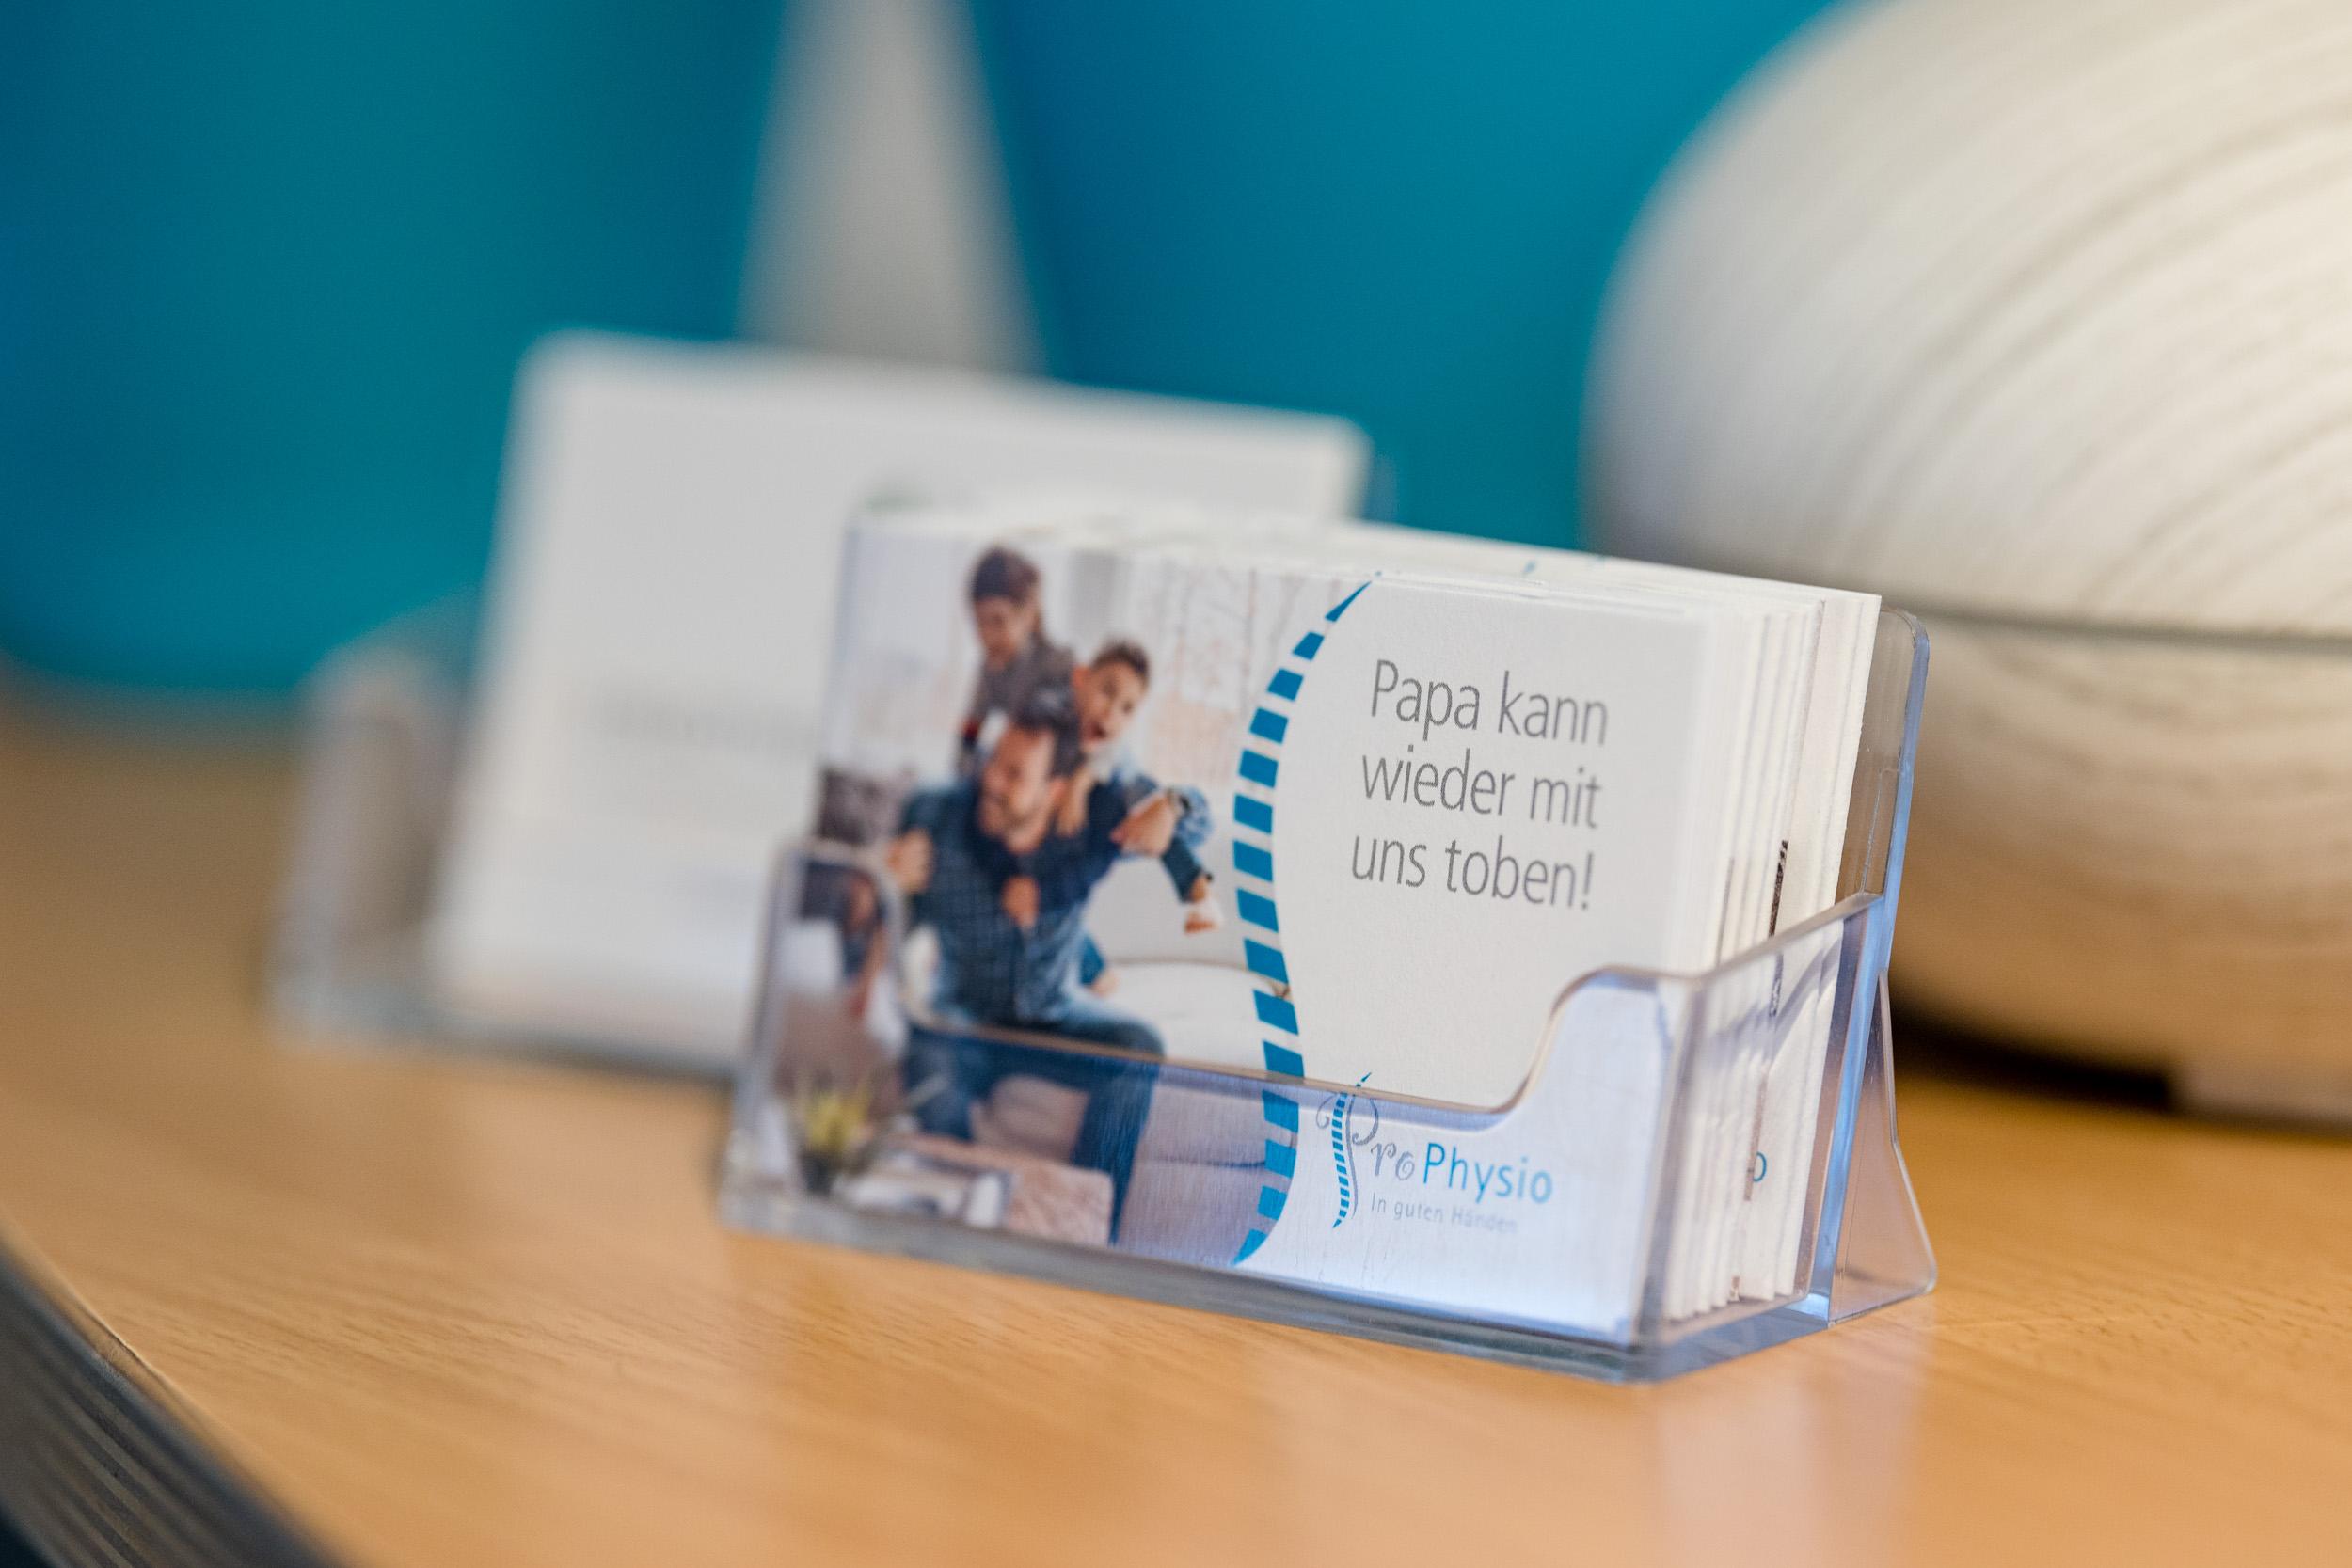 ProPhysio Physiotherapie Hamm Visitenkarten